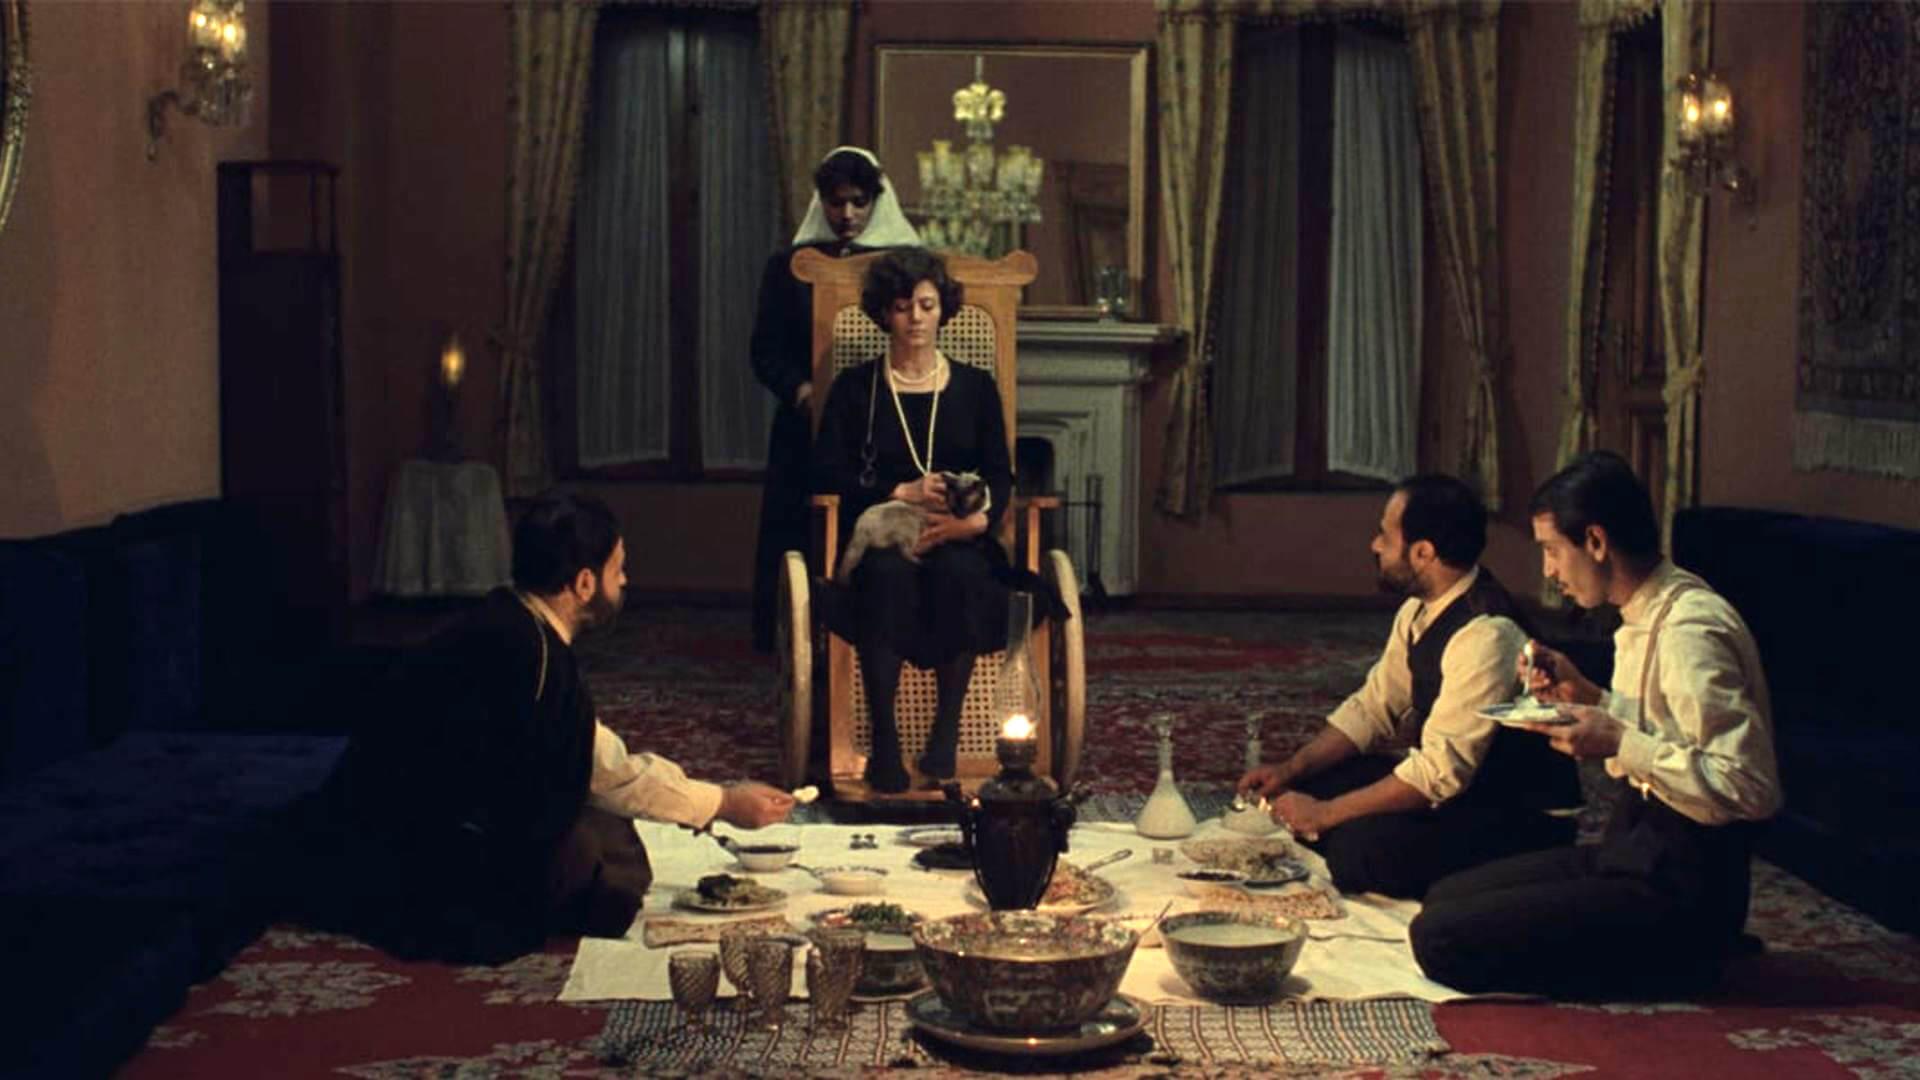 بینندگان هرگز چنین فیلمی ندیده و نخواهند دید – نحوه احیای فیلم ایرانی شطرنج باد Chess of the Wind